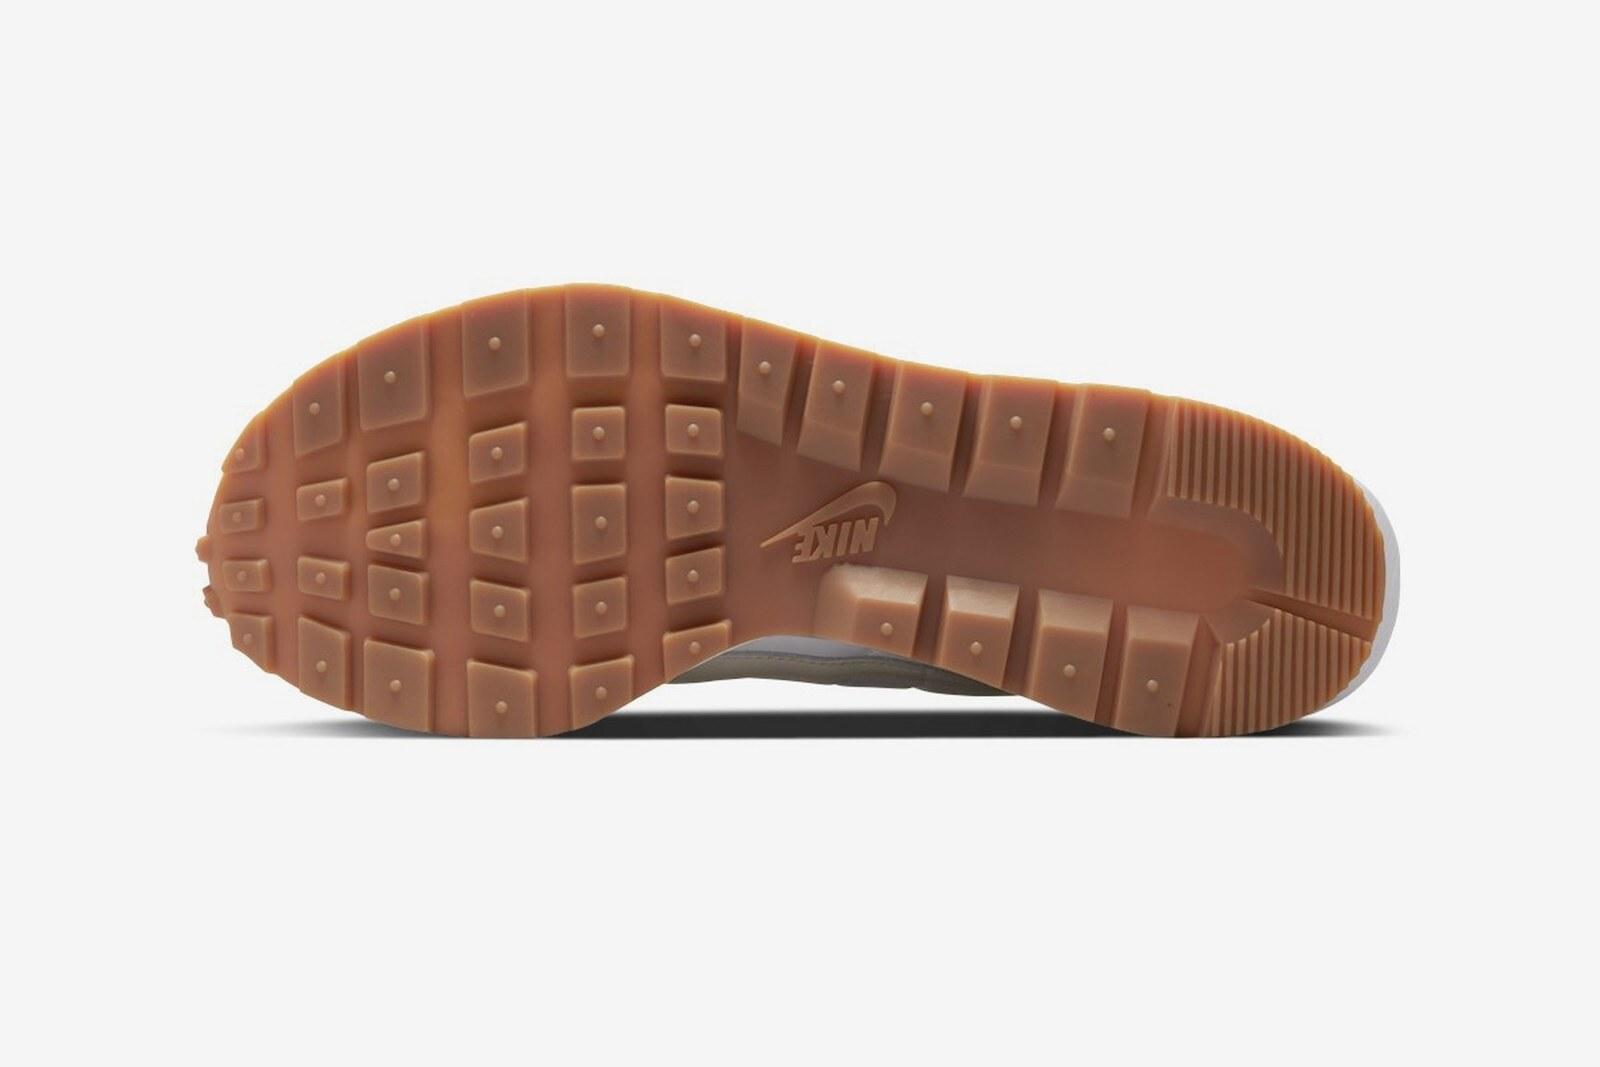 sacai x Nike VaporWaffle u201cWhite/Sailu201d